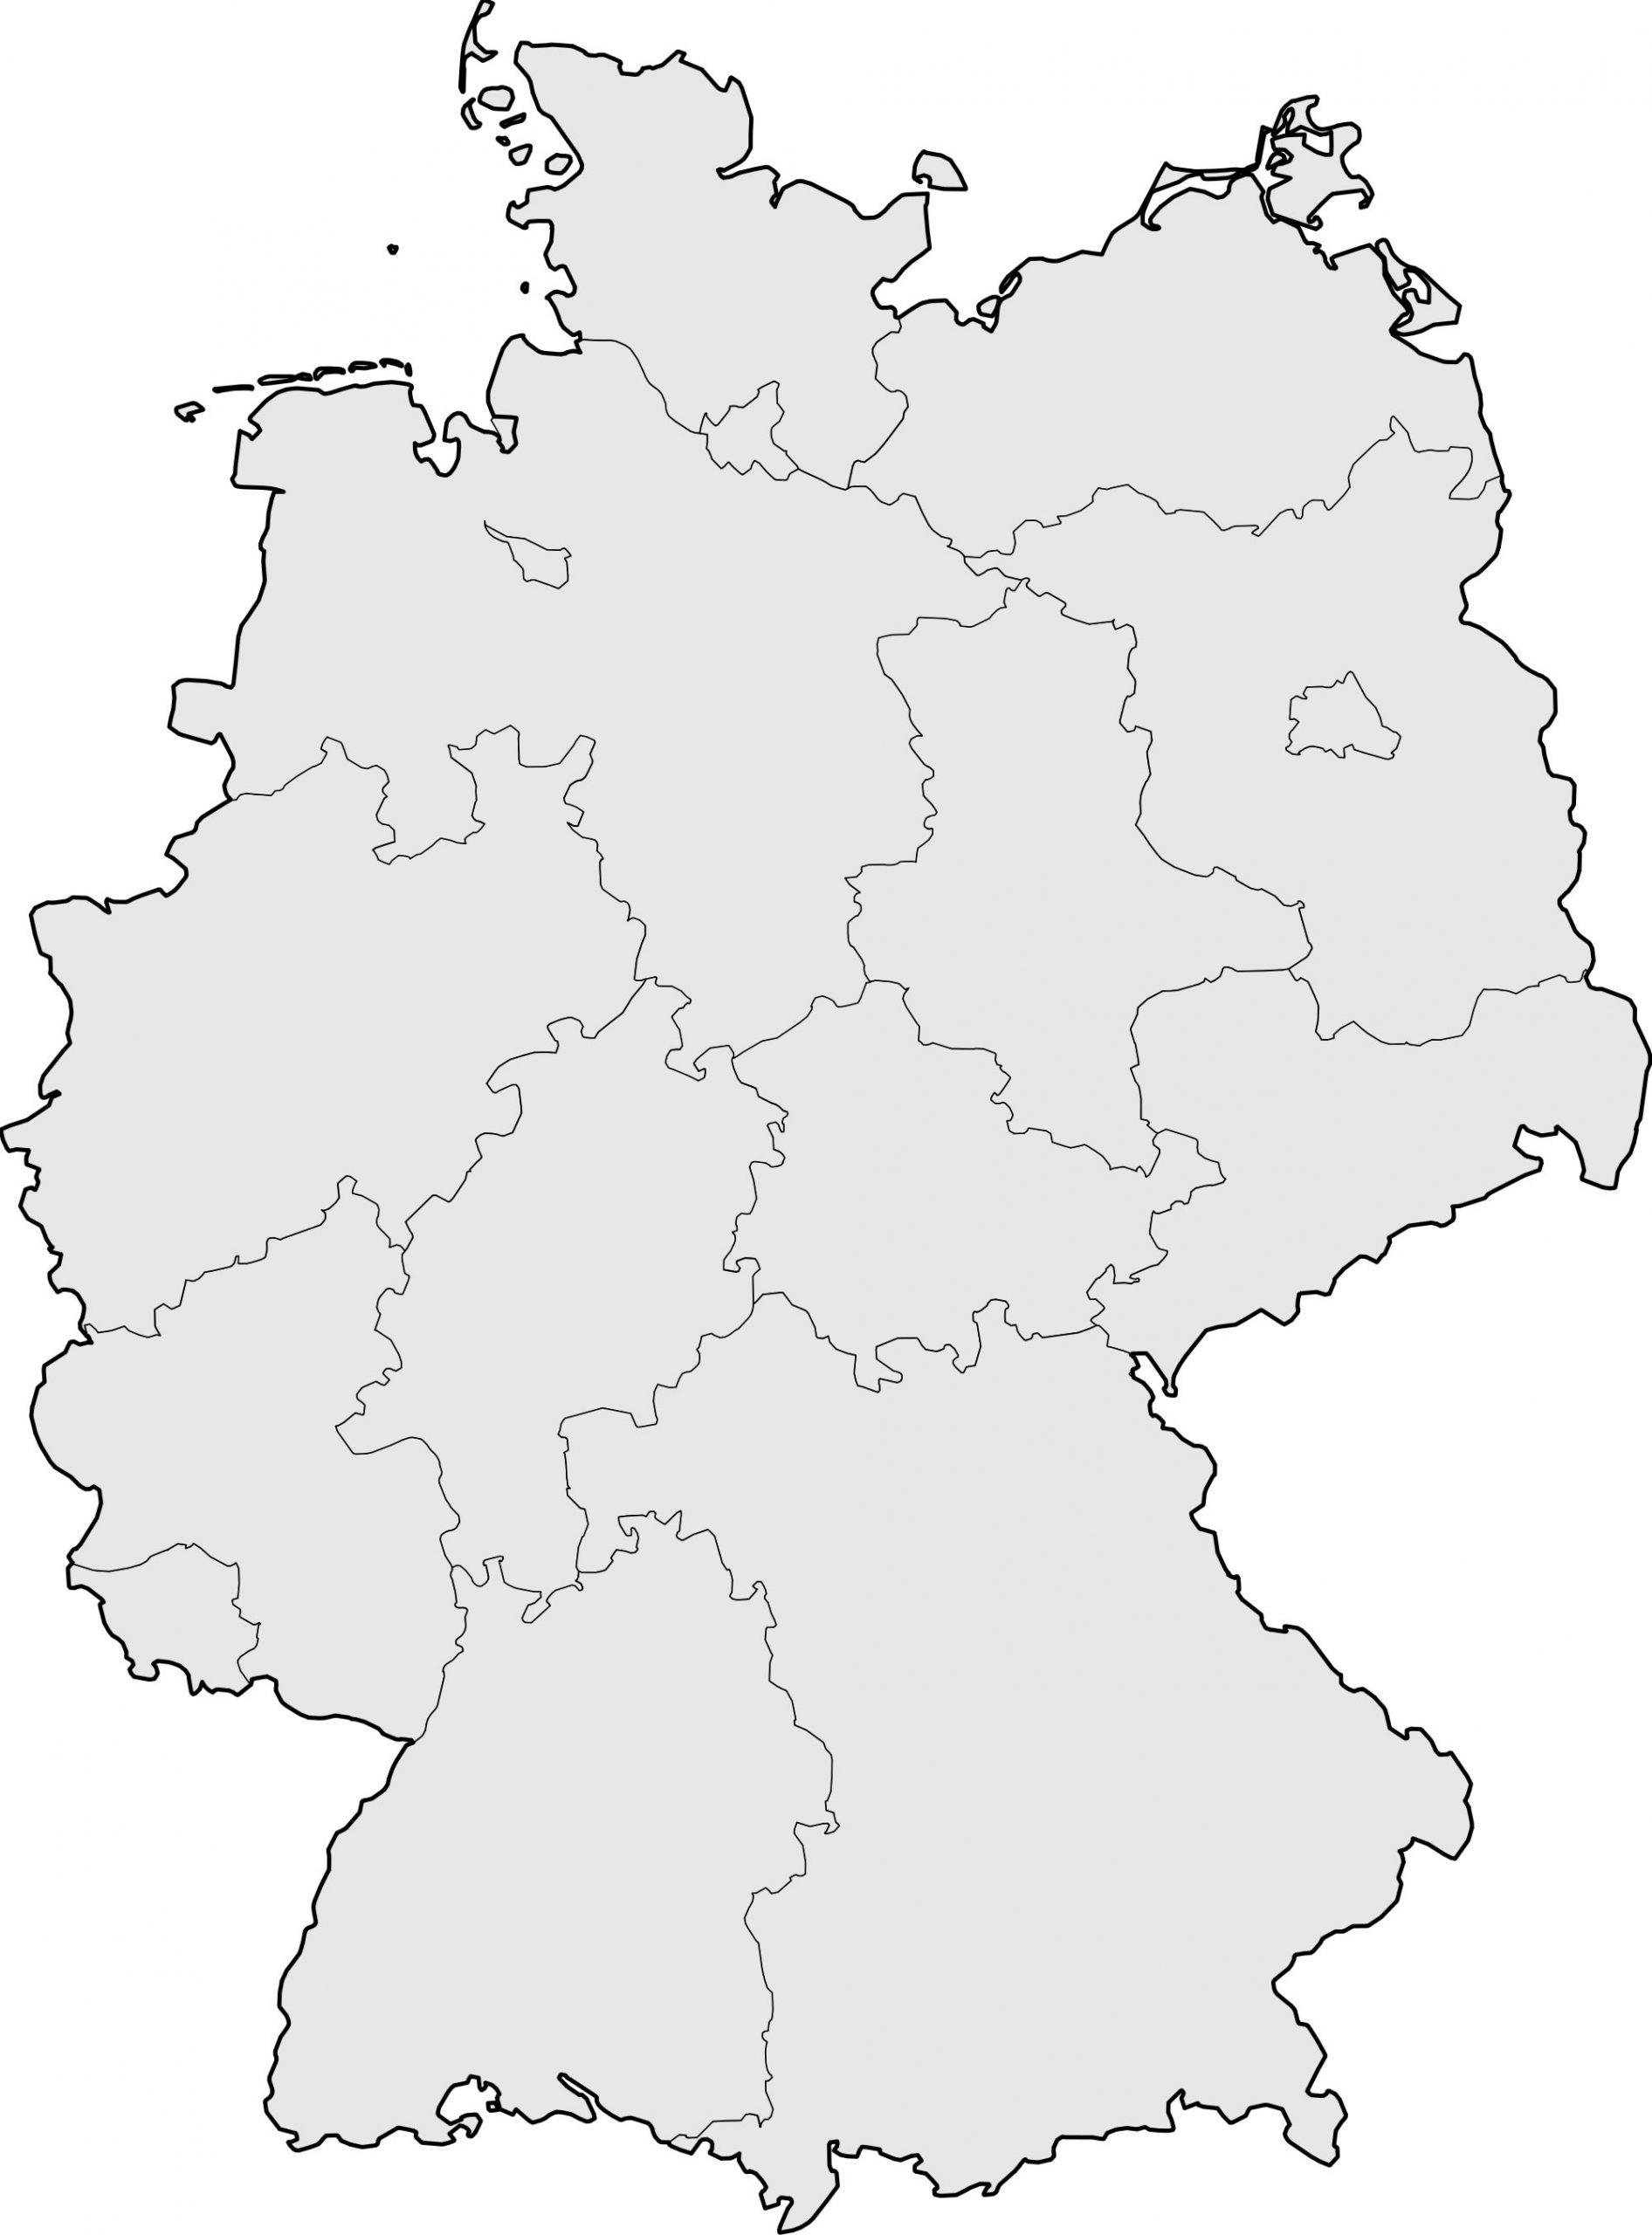 Carte Allemagne Vierge, Carte Vierge De L'allemagne pour Carte Région France Vierge